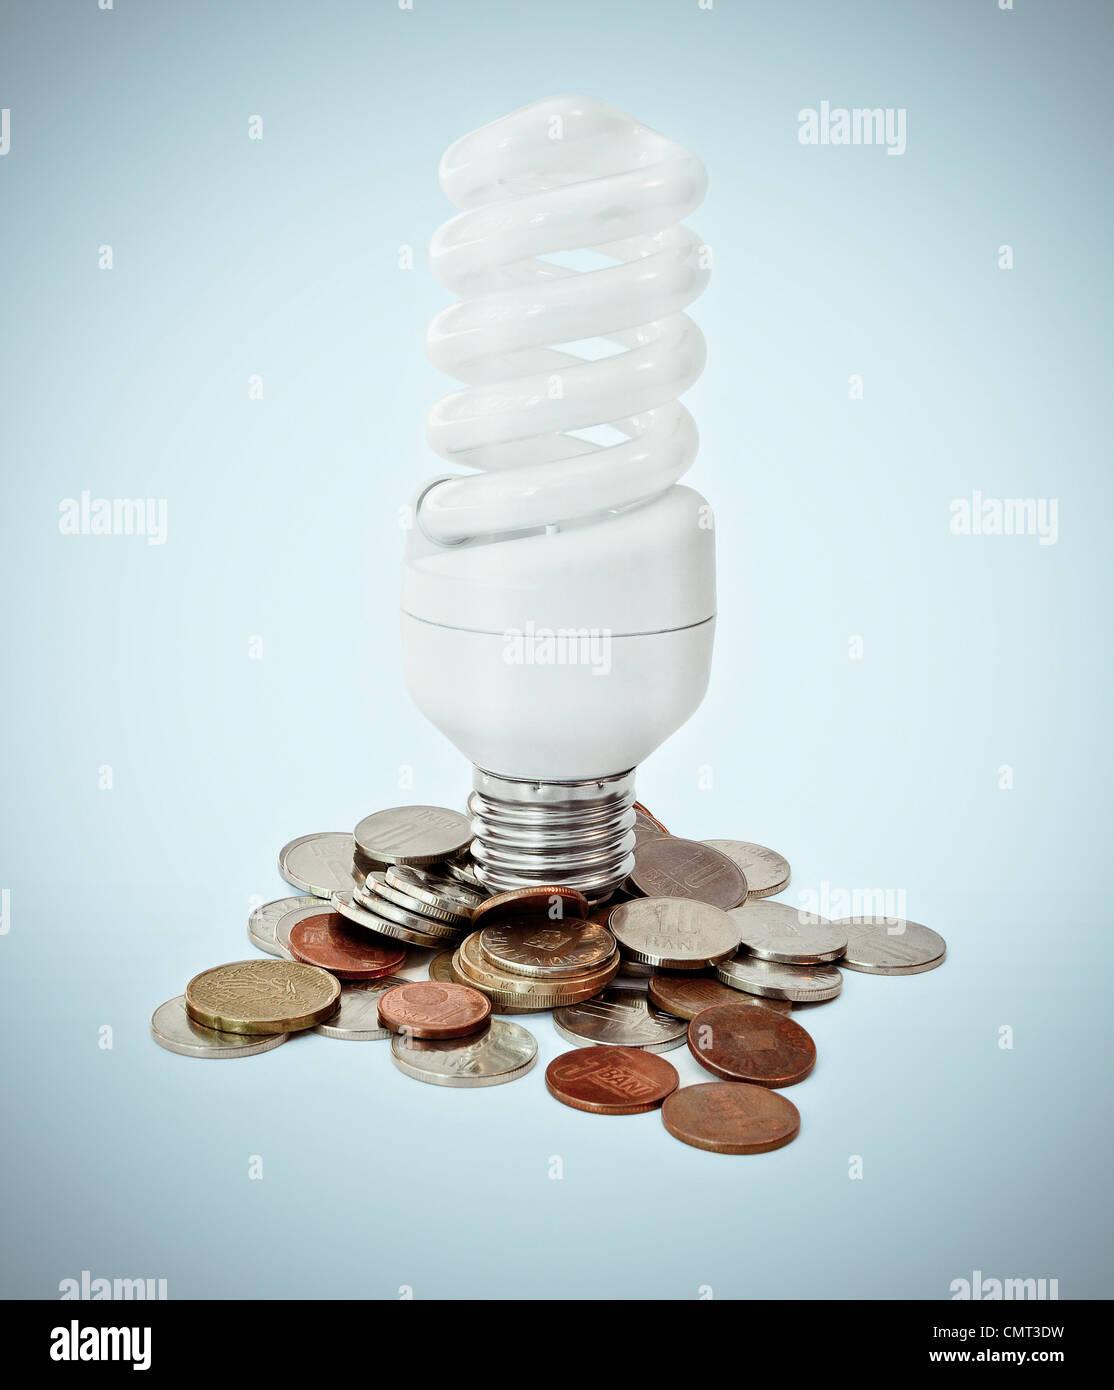 Eco concept lighbulb les économies d'énergie et d'argent Photo Stock